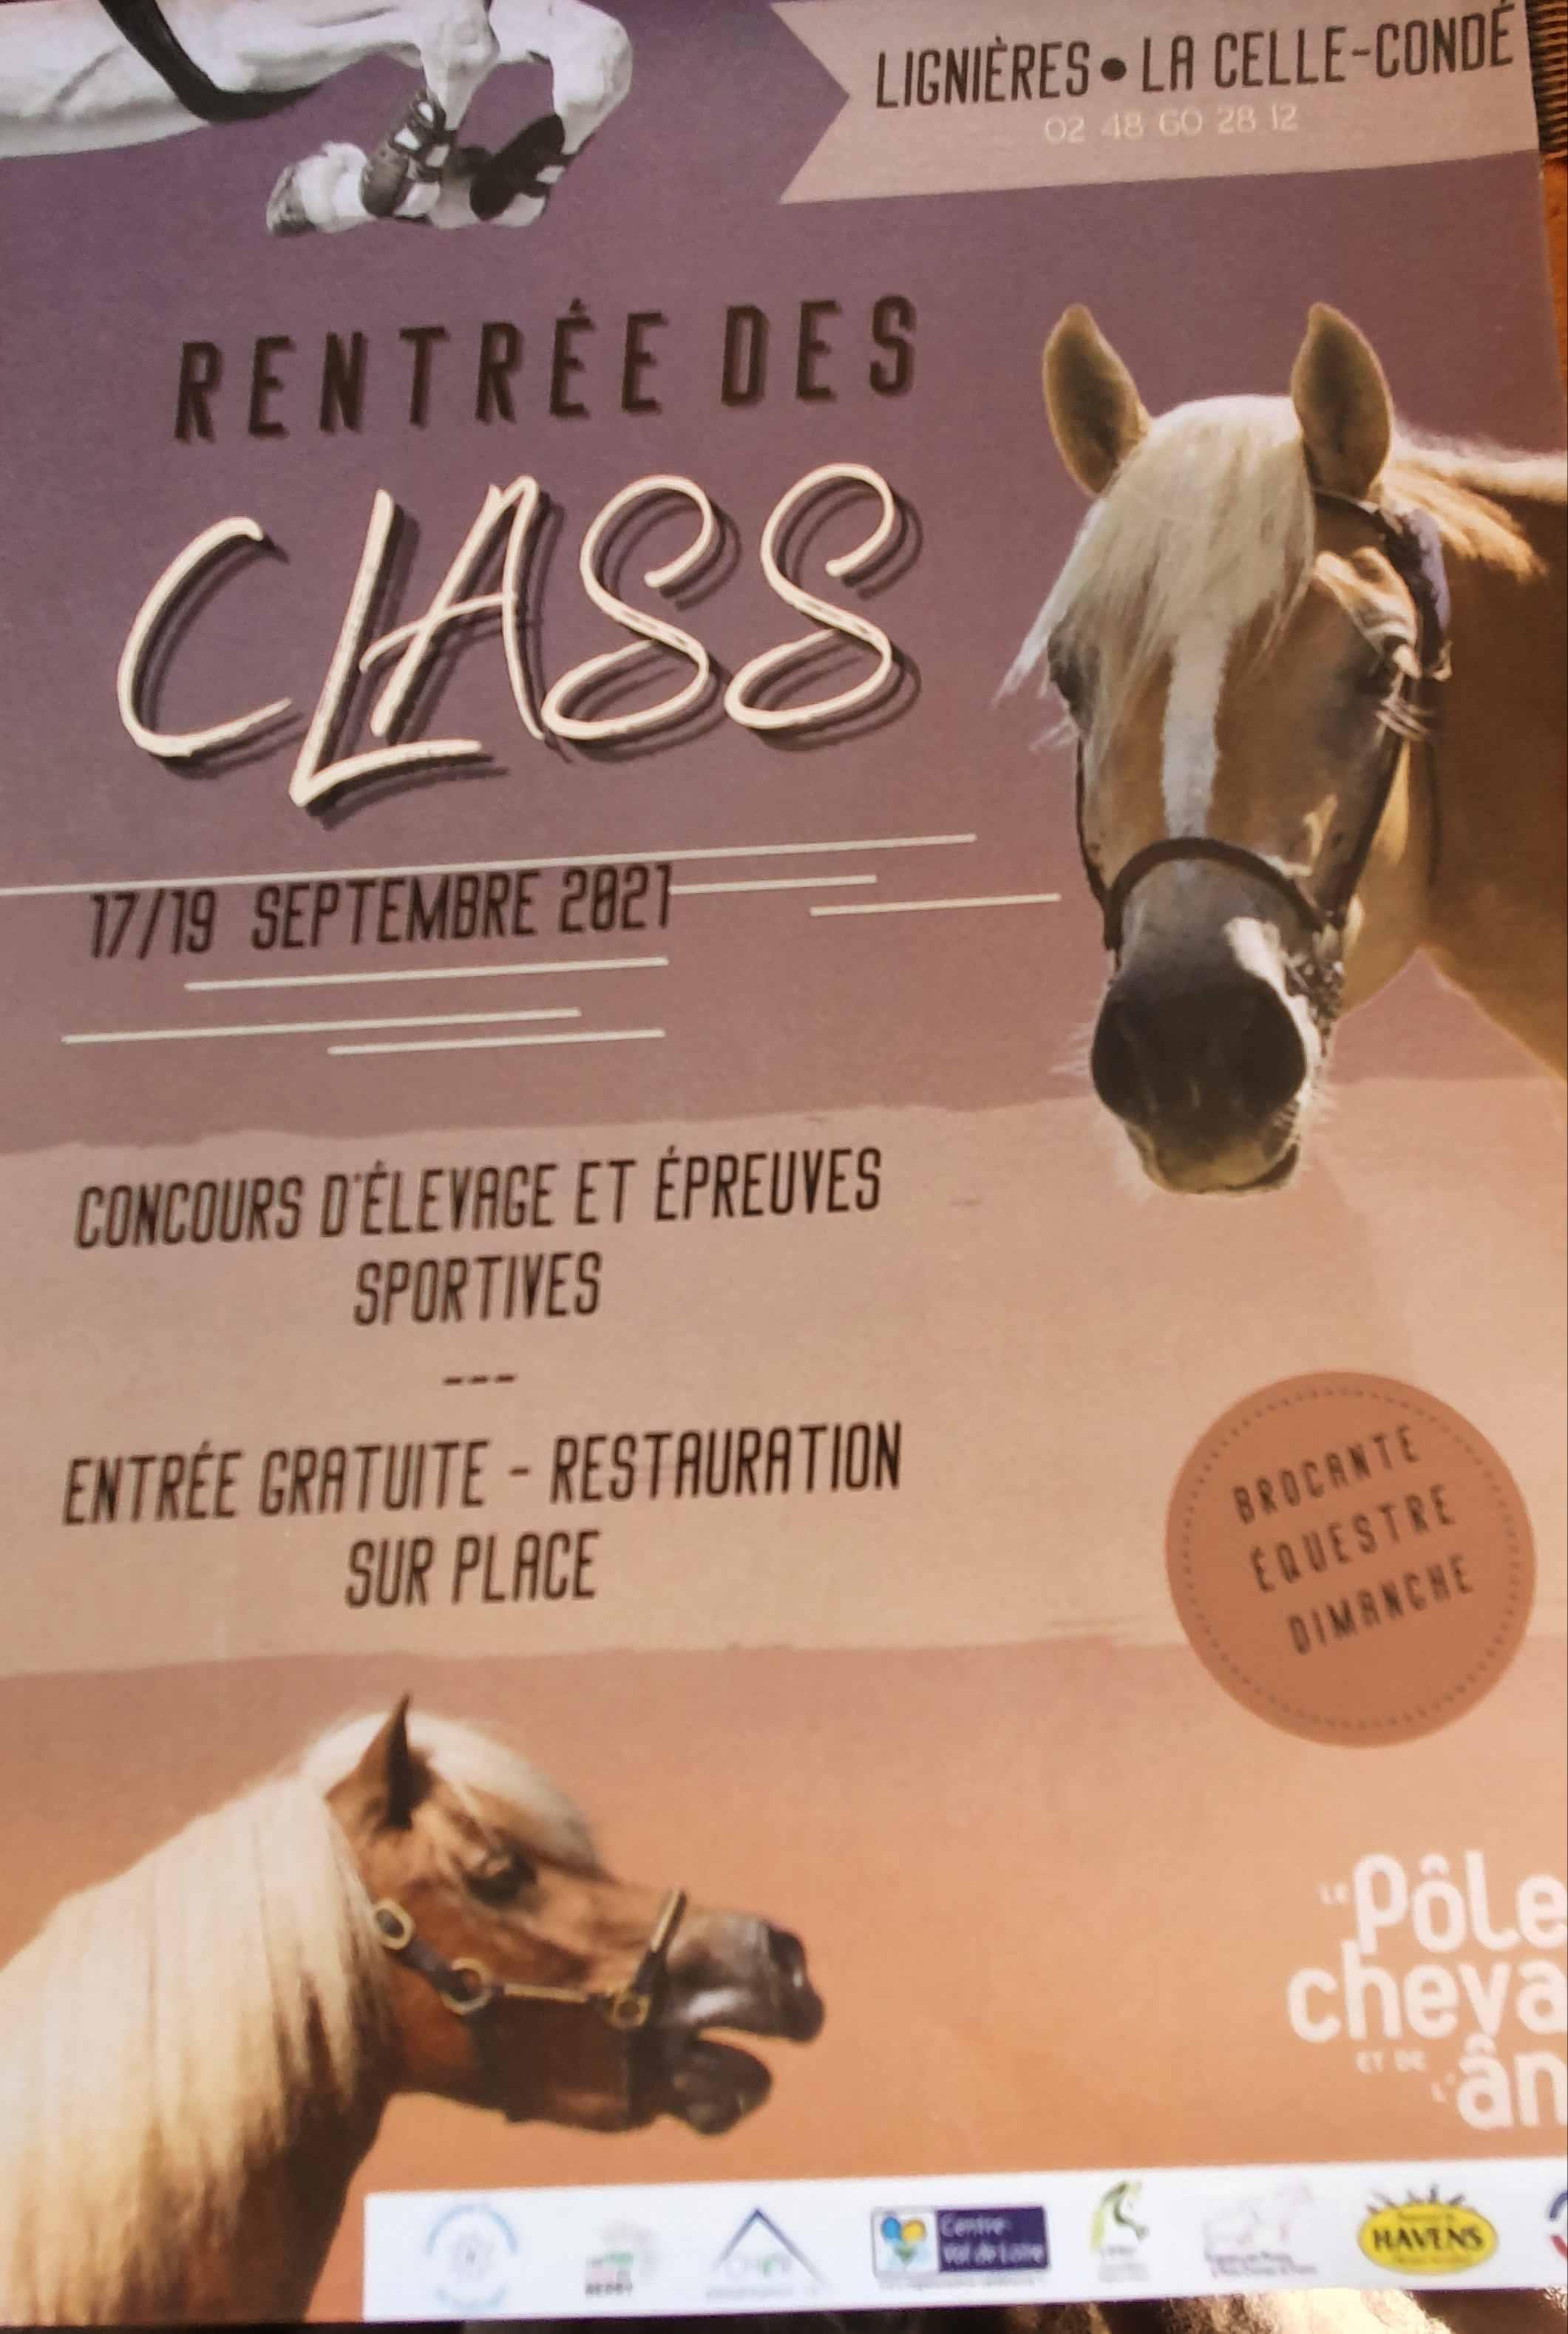 Rentrée des Class à Lignières PCA